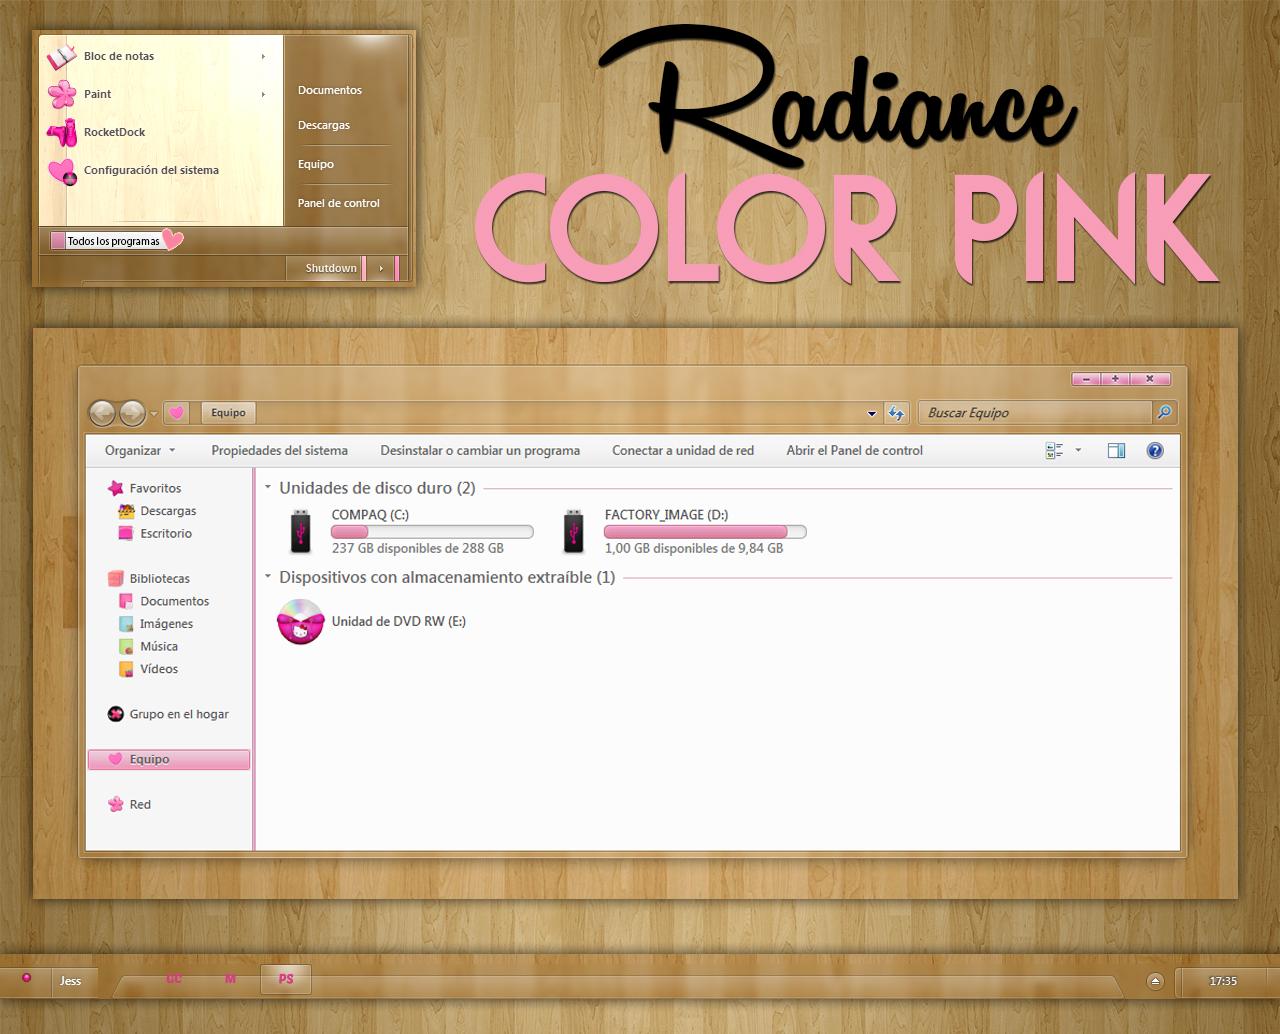 Radiance Color Pink